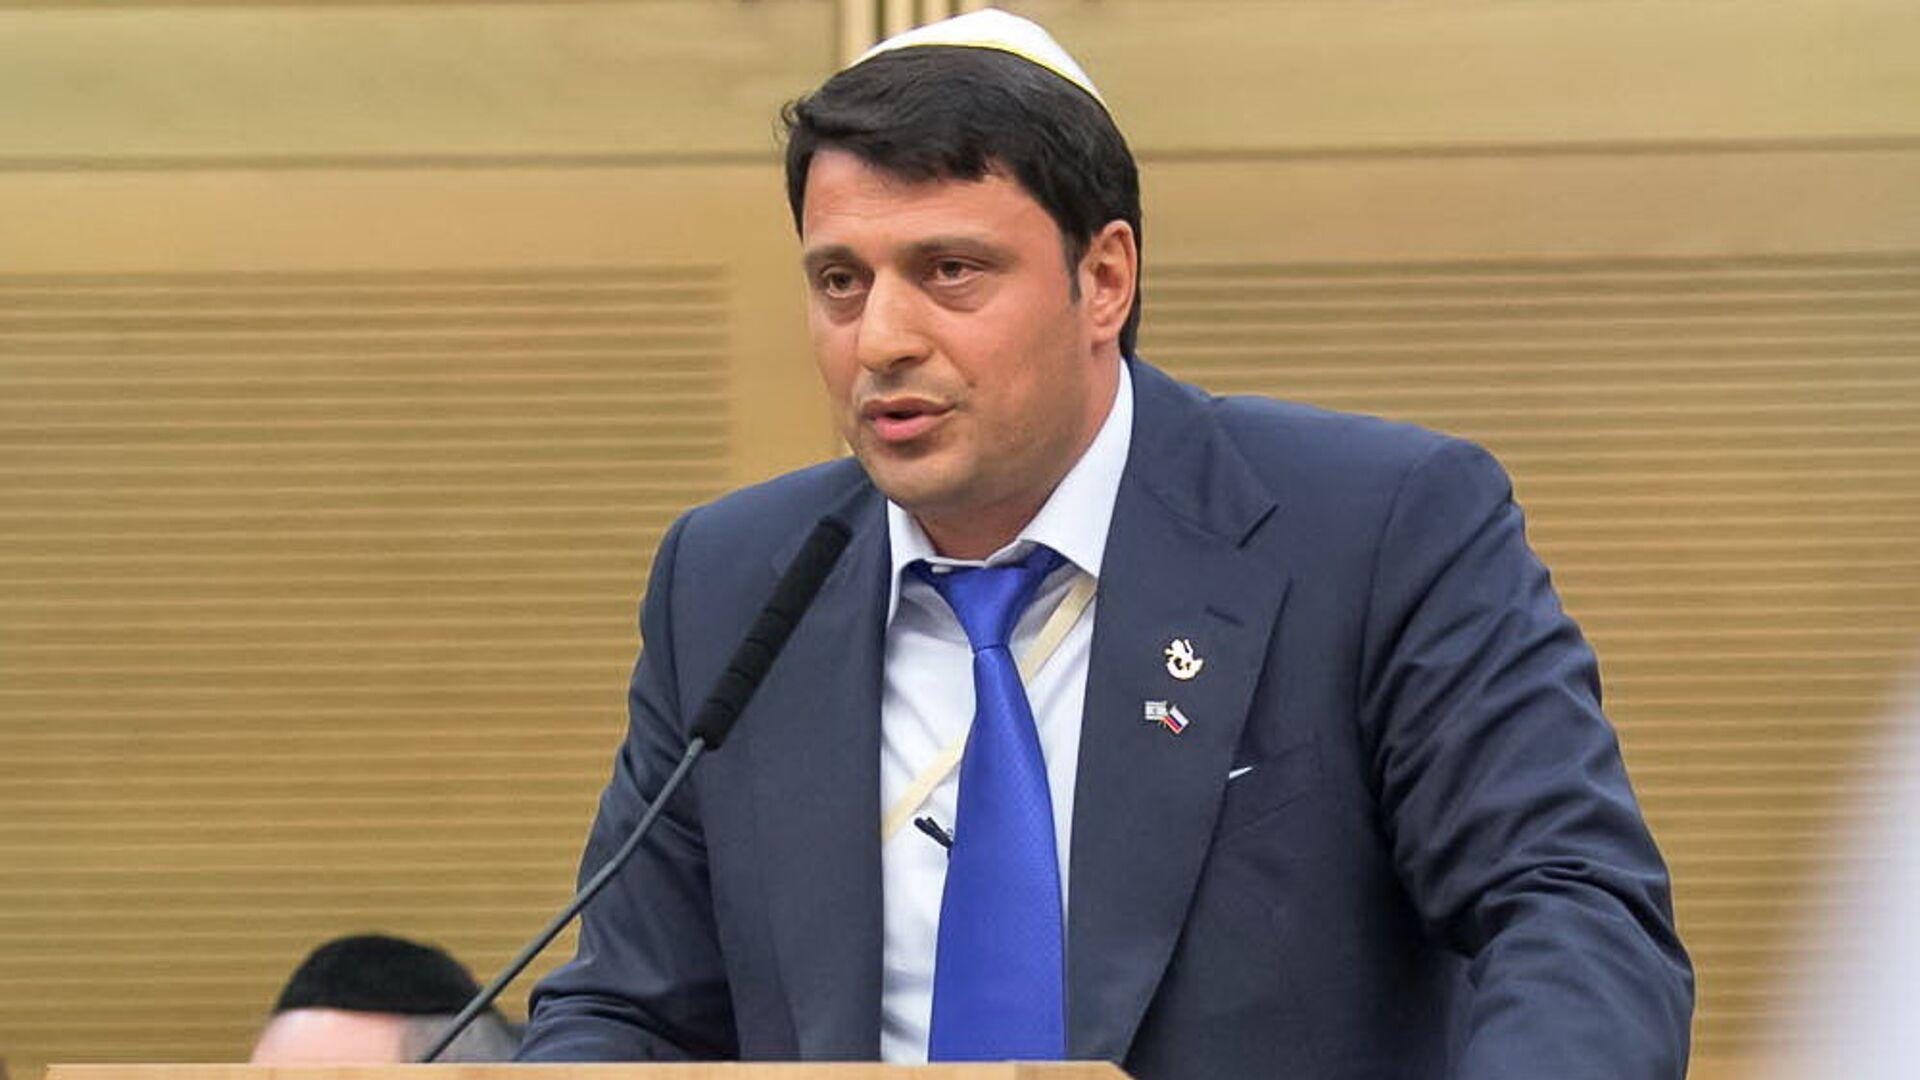 В еврейском конгрессе предупредили, к чему ведет оправдание нацизма